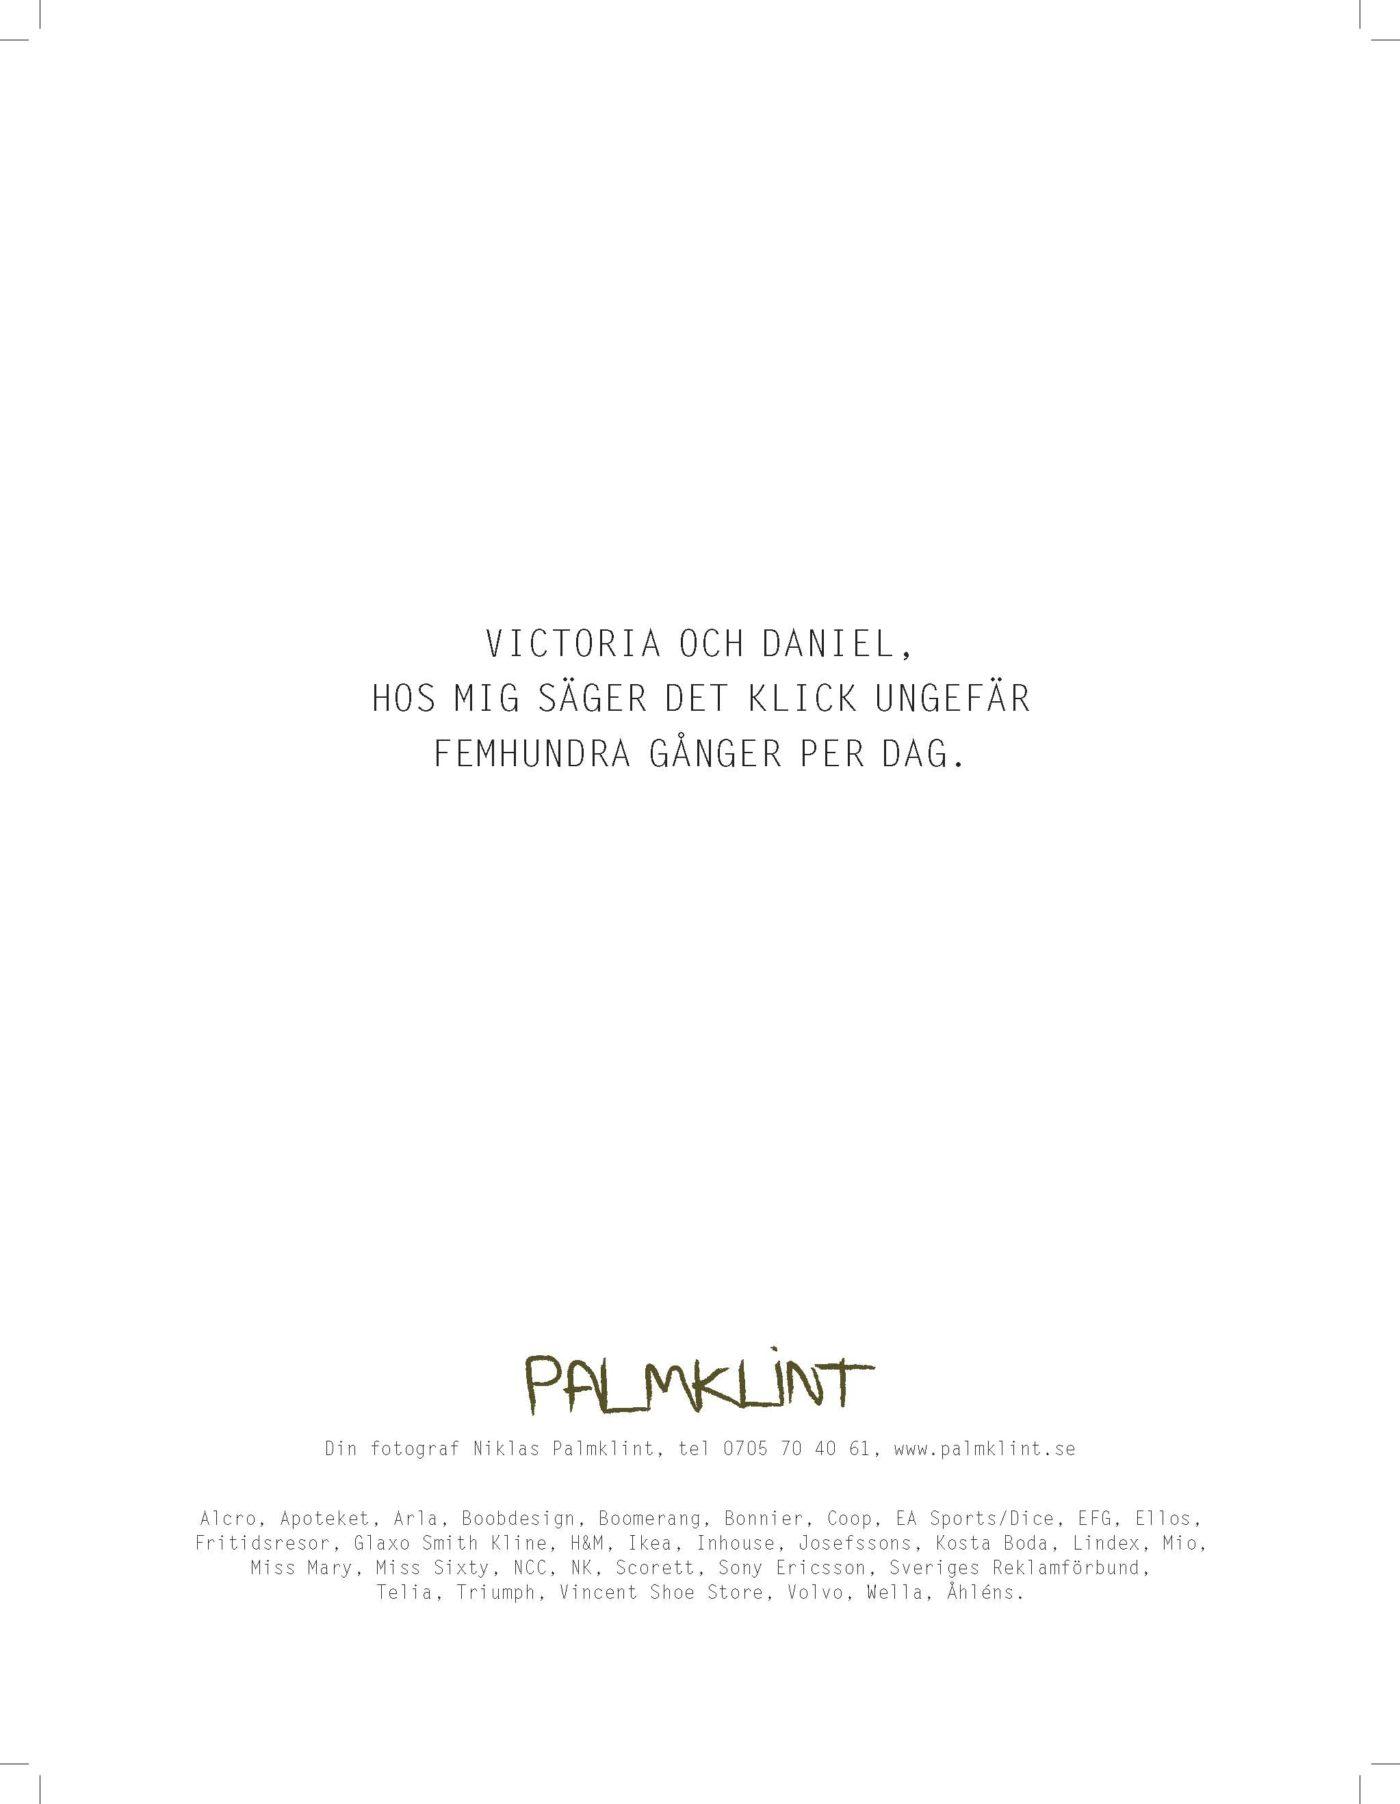 Niklas Palmklint, annons, Guldäggsboken 2010